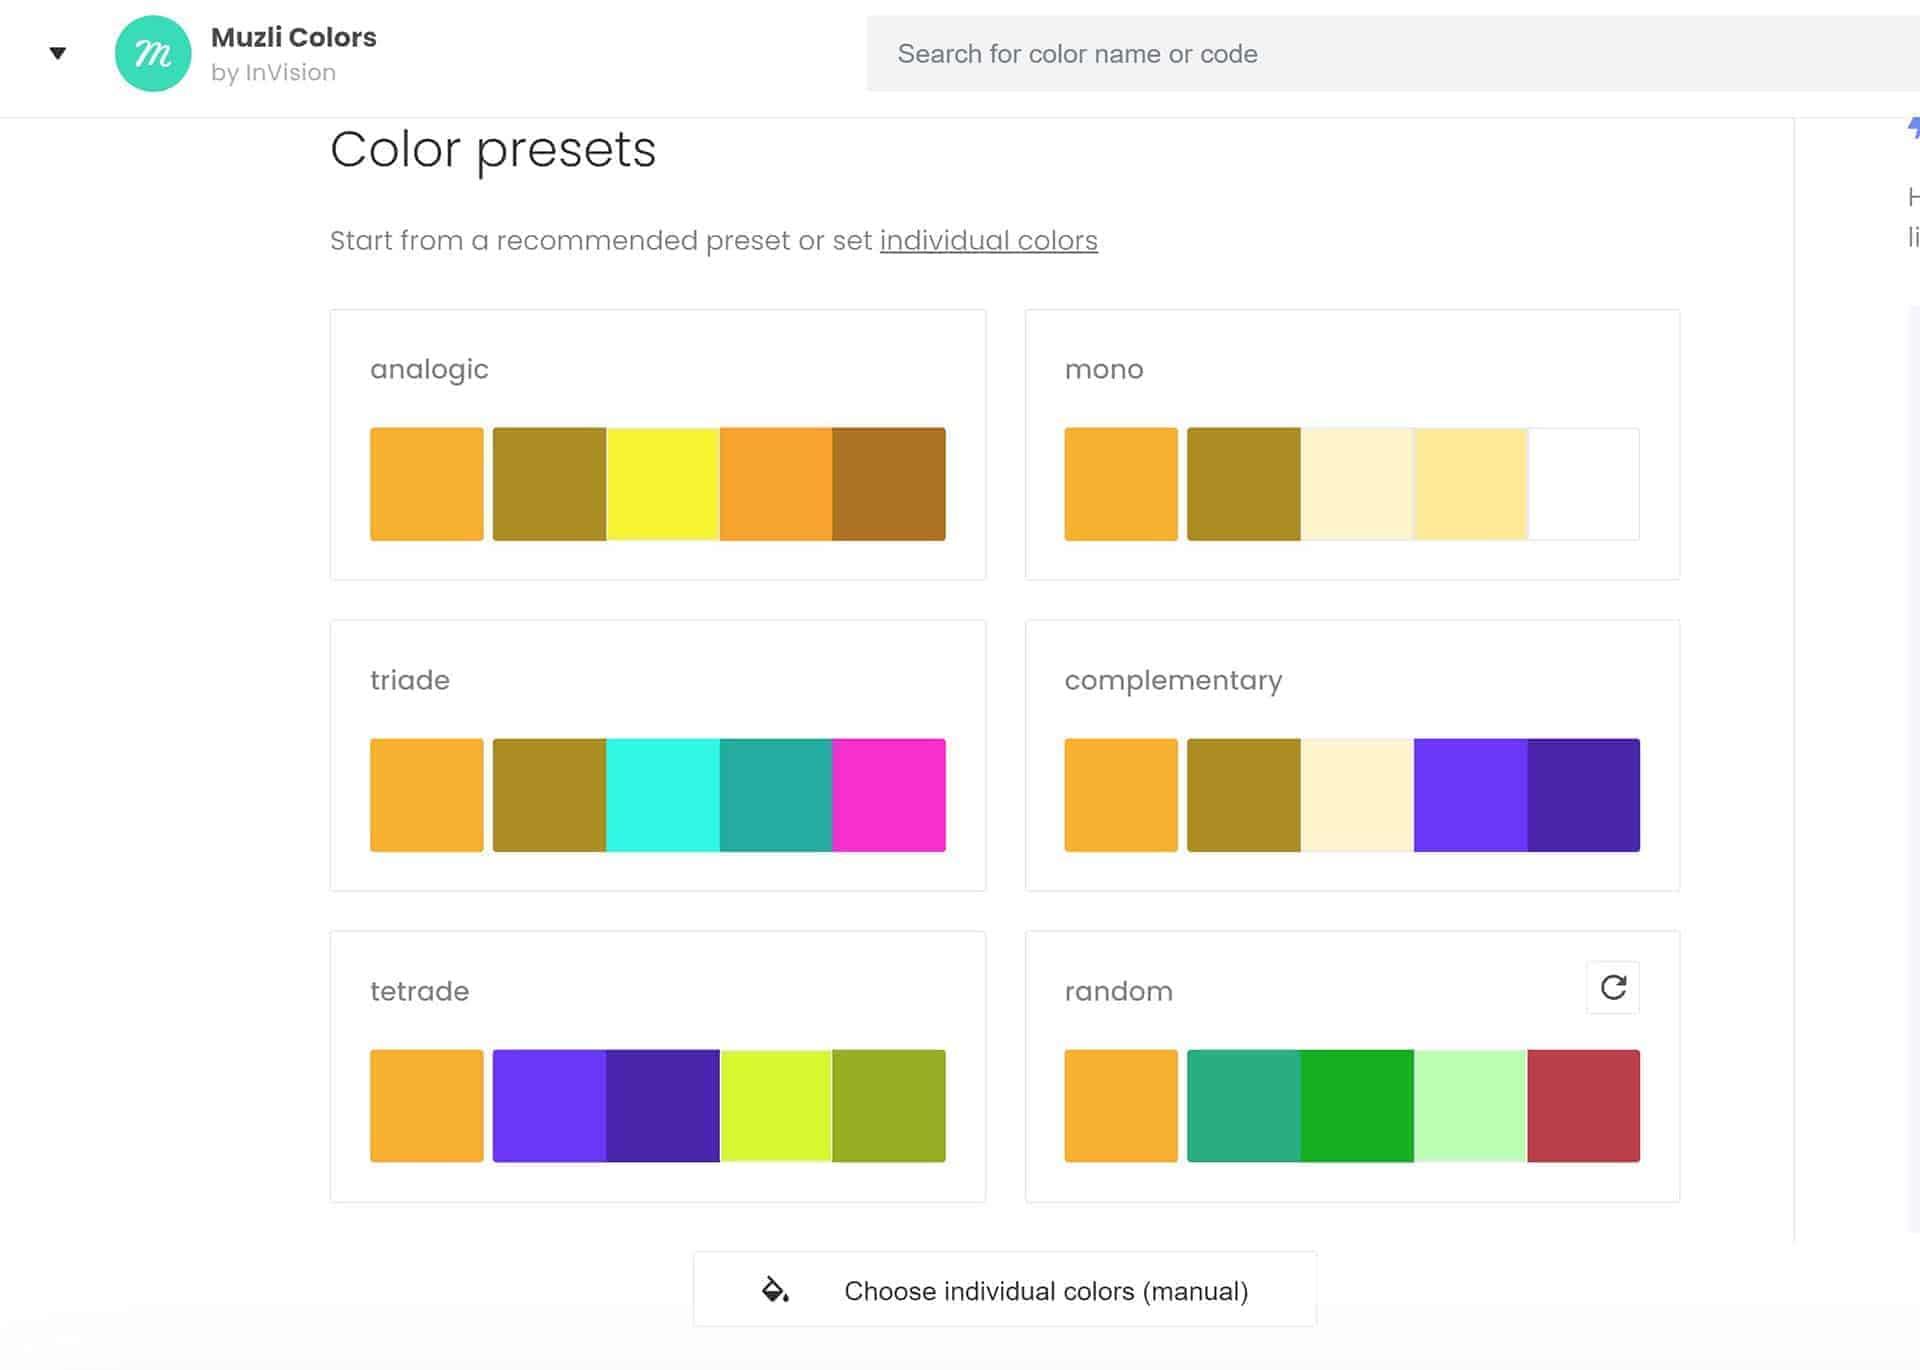 Generador de paletas de colores de Muzli colors.